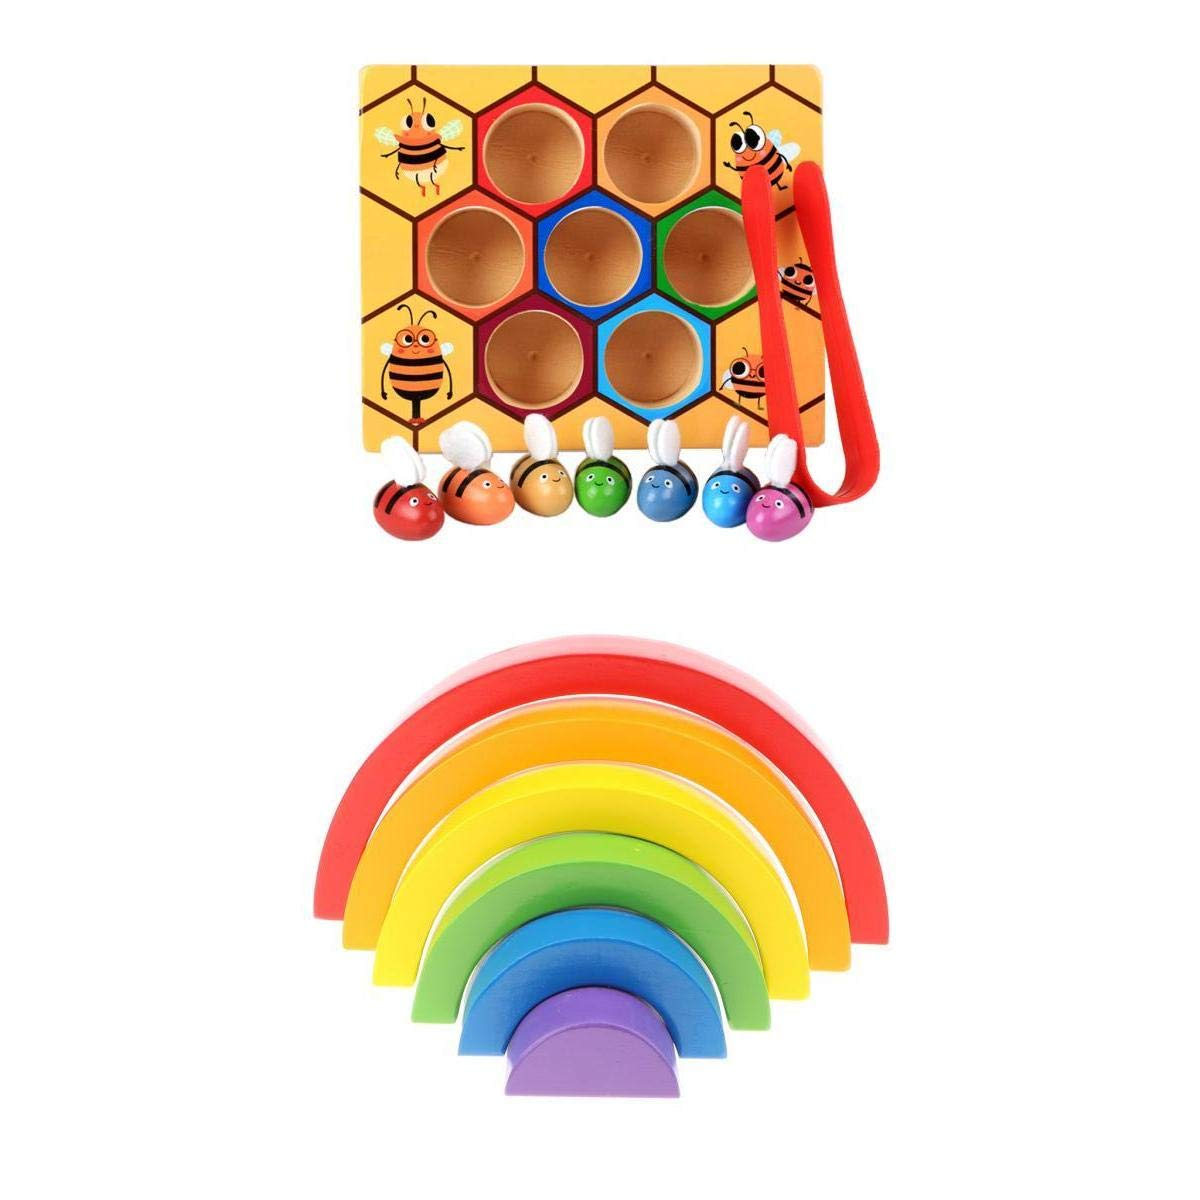 6 pièces En Bois Arc-En-Ciel Blocs + Abeille Clip Boîte Coordination œil-main Montessori Apprentissage Précoce Jouets Éducatifs pour Enfants Enfants